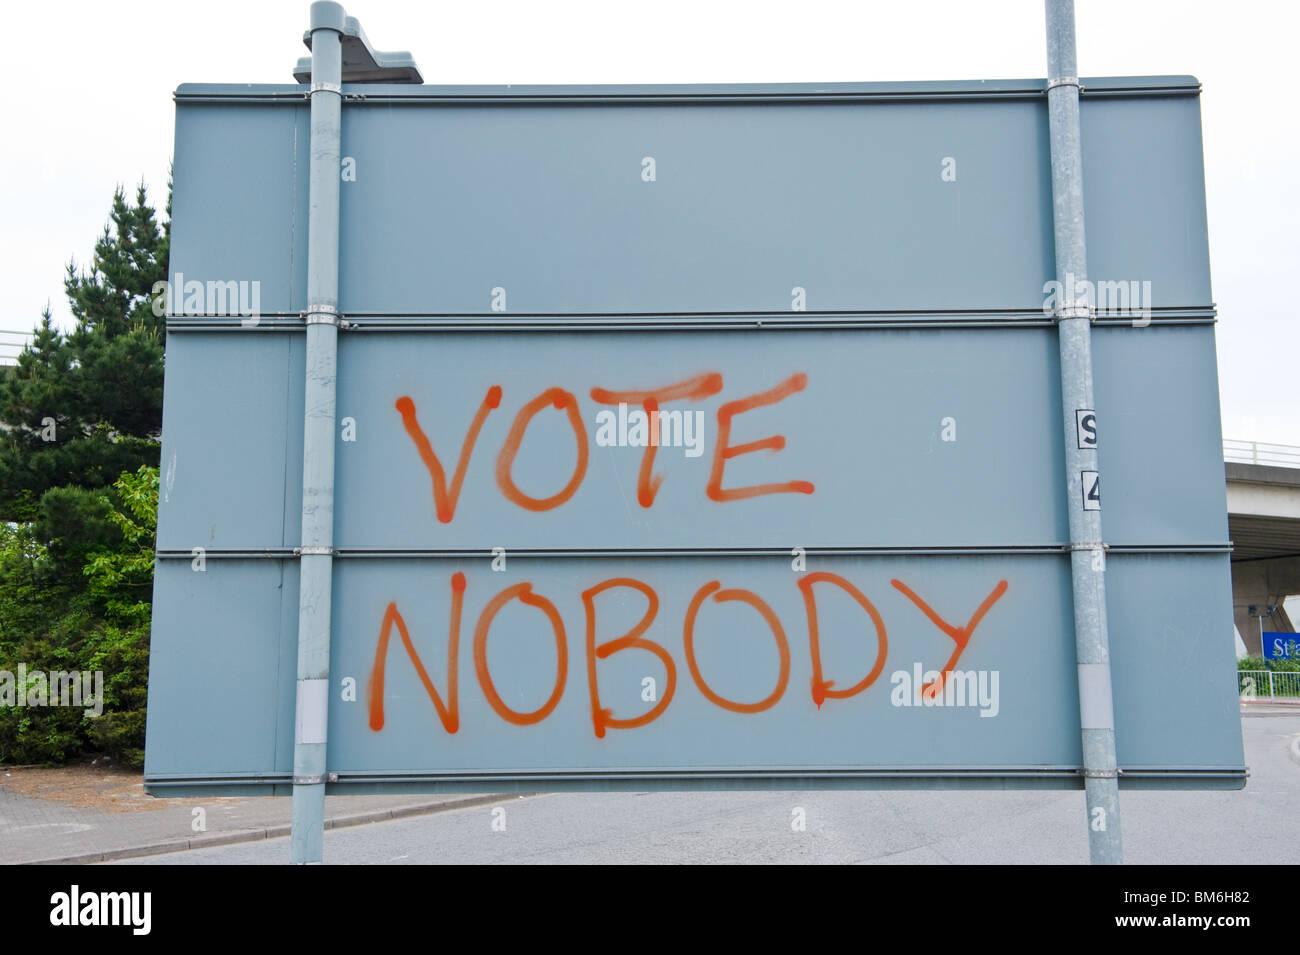 Voto nessuno graffiti sul retro del cartello stradale in Cardiff South Wales UK Immagini Stock